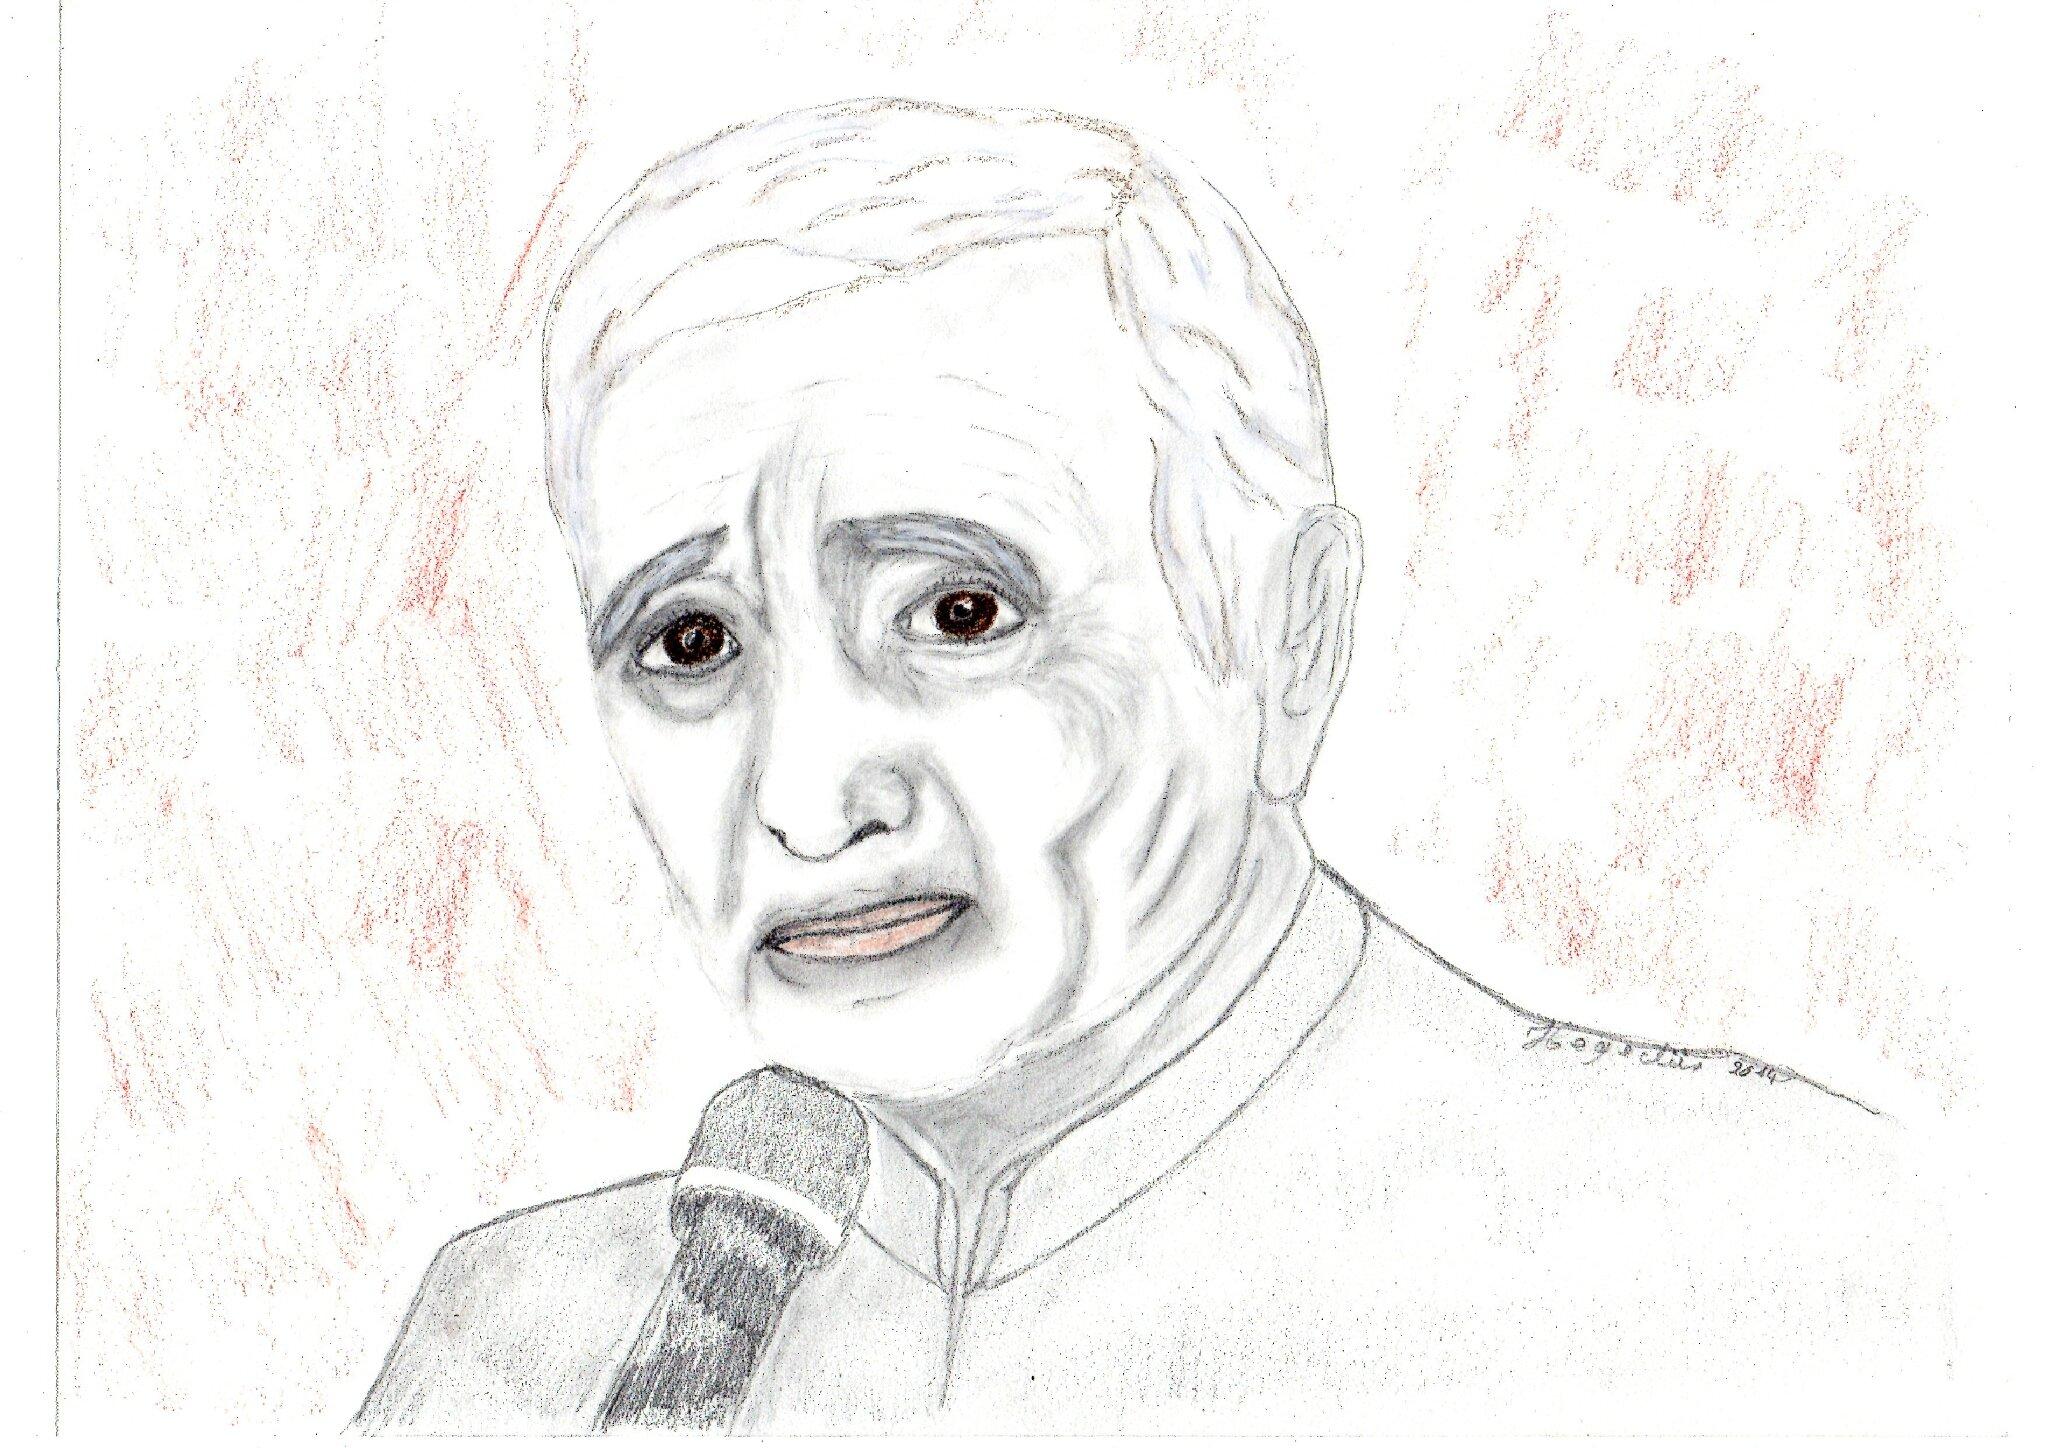 Livraison gratuite dans le monde entier Nouvelles Arrivées meilleur pas cher Dessin portrait de star: Charles Aznavour - Croquis XL